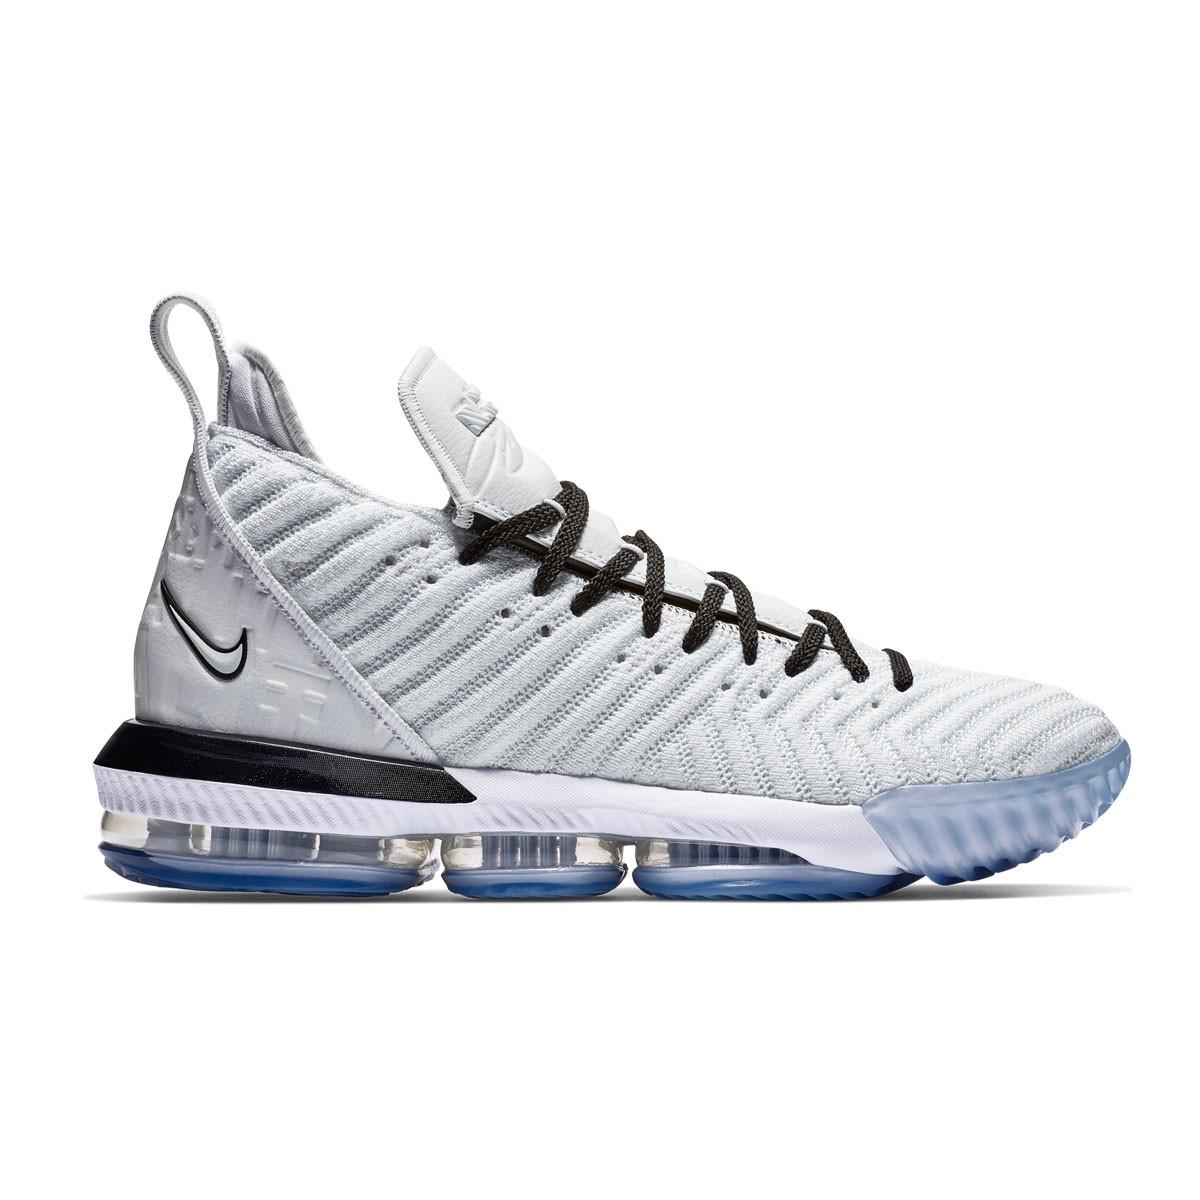 Nike Lebron XVI 'Equality Pack'